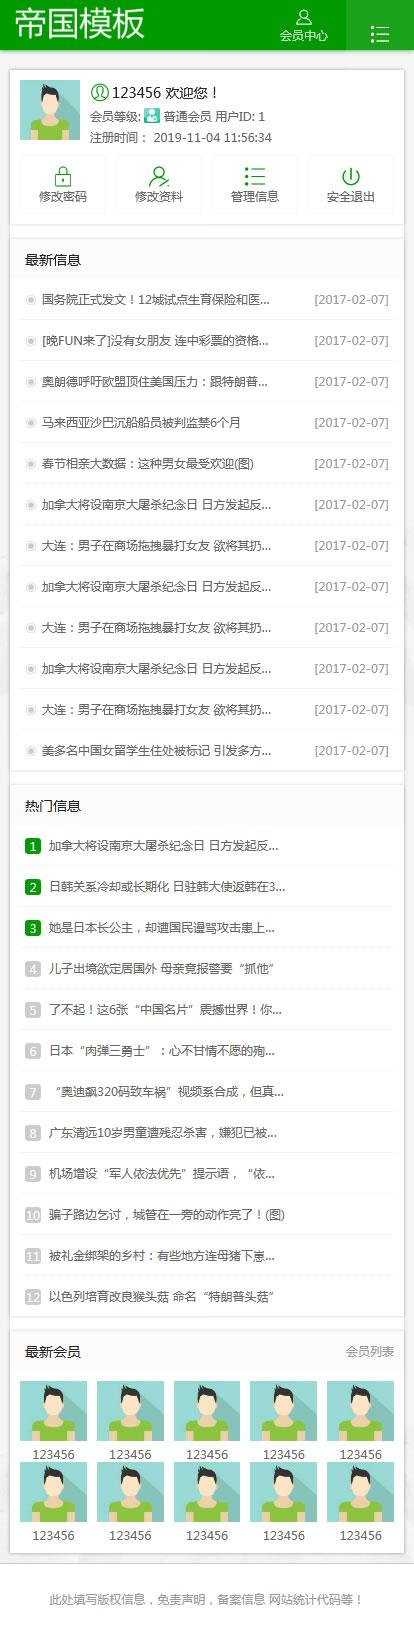 帝国cms绿色新闻文章门户网站模板加手机版加自适应会员模板可改颜色_手机版会员中心